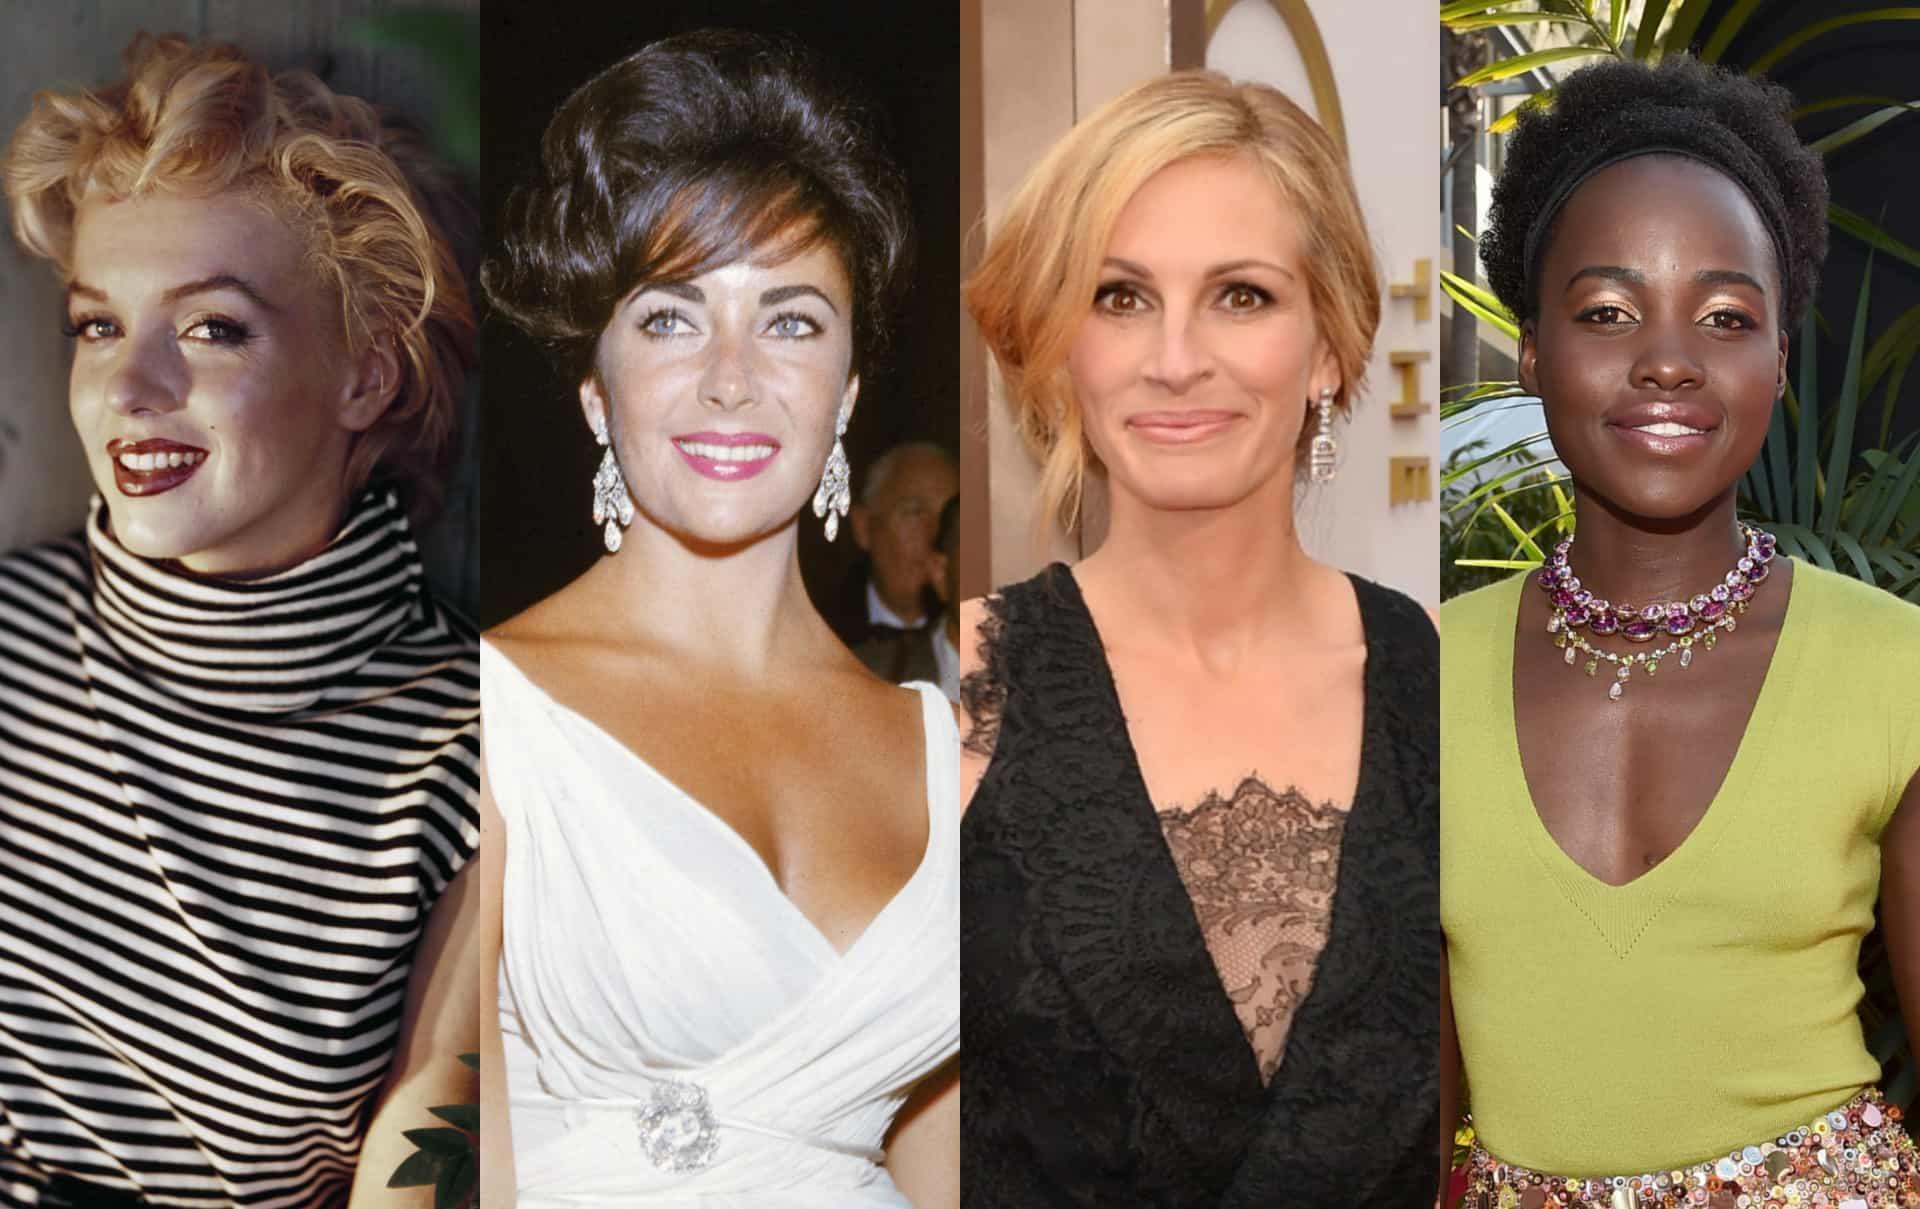 Mulheres mais bonitas do mundo, top 20 de 2017 e 2018